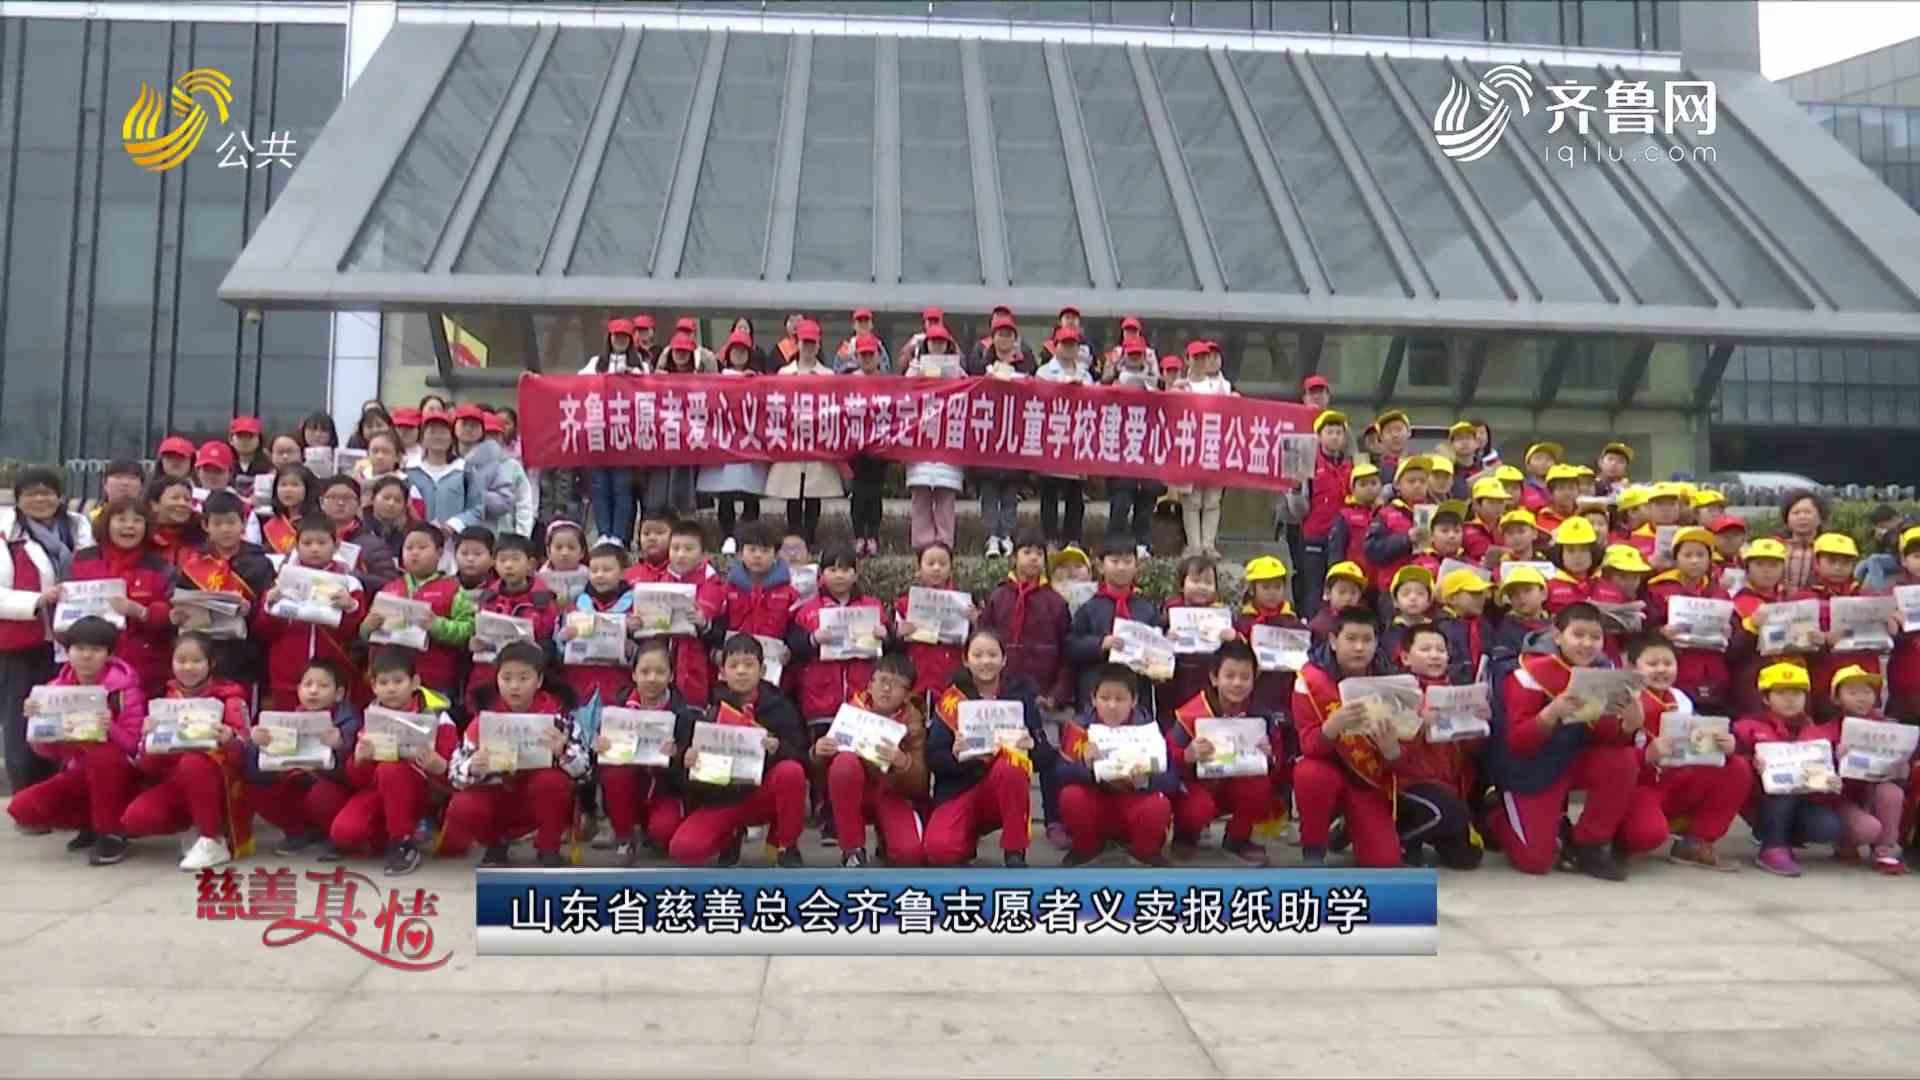 慈善真情:山东省慈善总会齐鲁志愿者义卖报纸助学